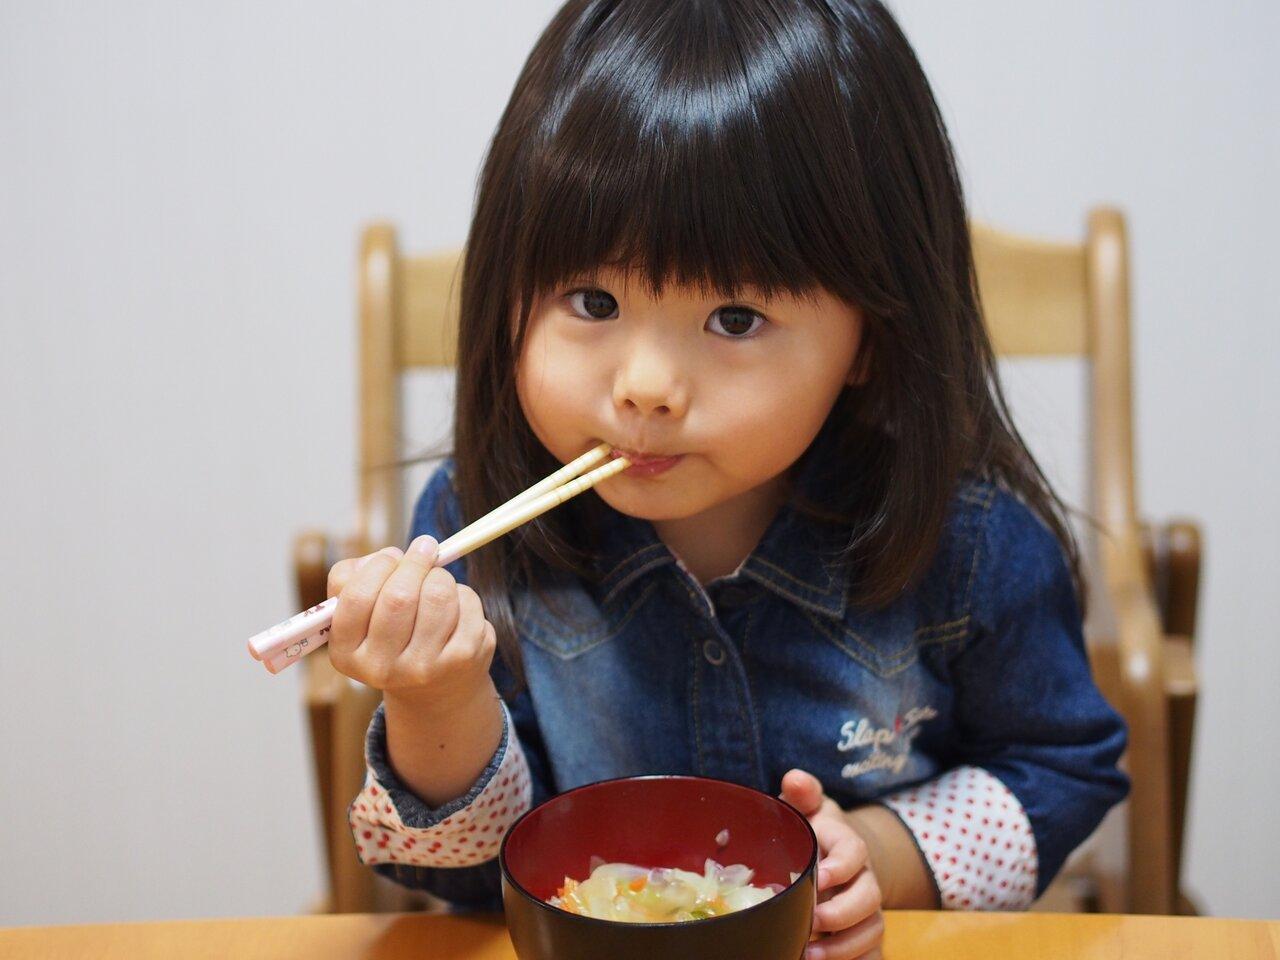 「3歳4ヵ月です。お箸がうまく持てません」子育て相談 モンテッソーリで考えよう!